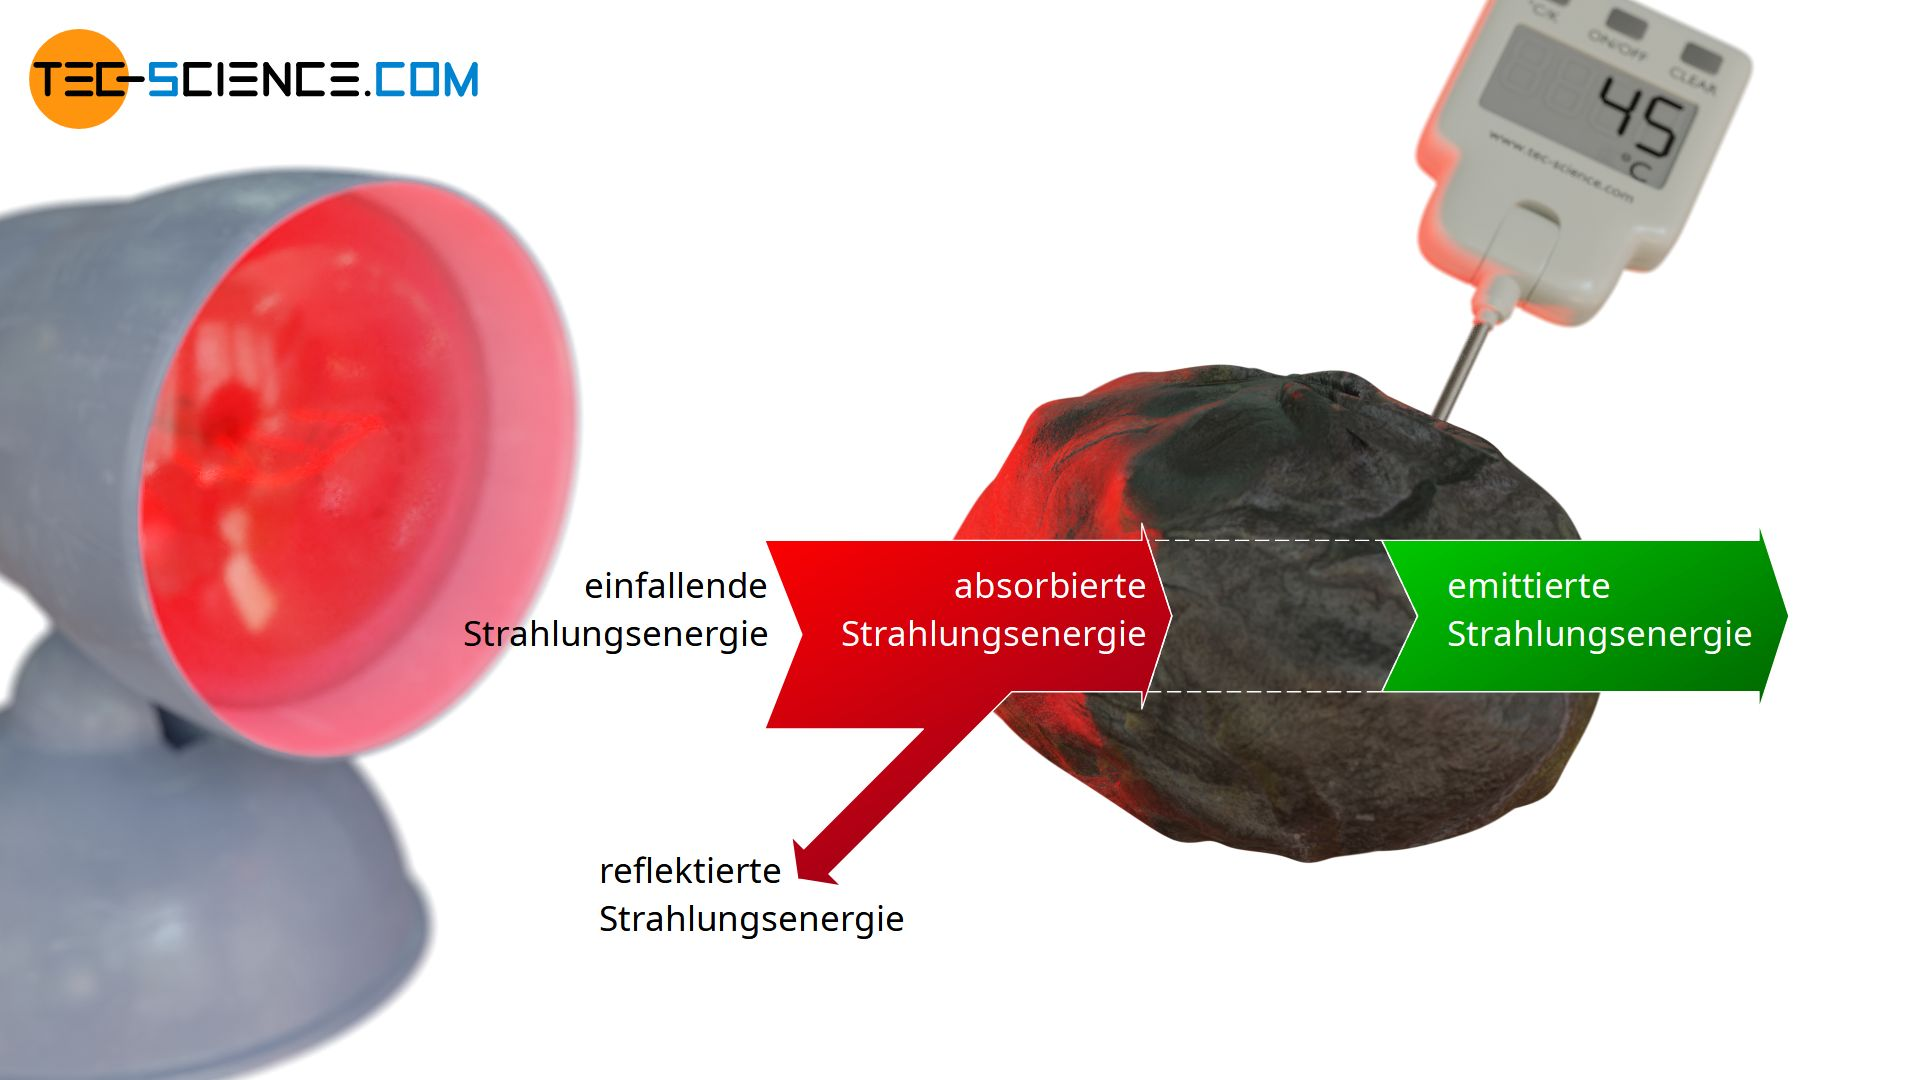 Energieflussdiagram eines realen Körpers